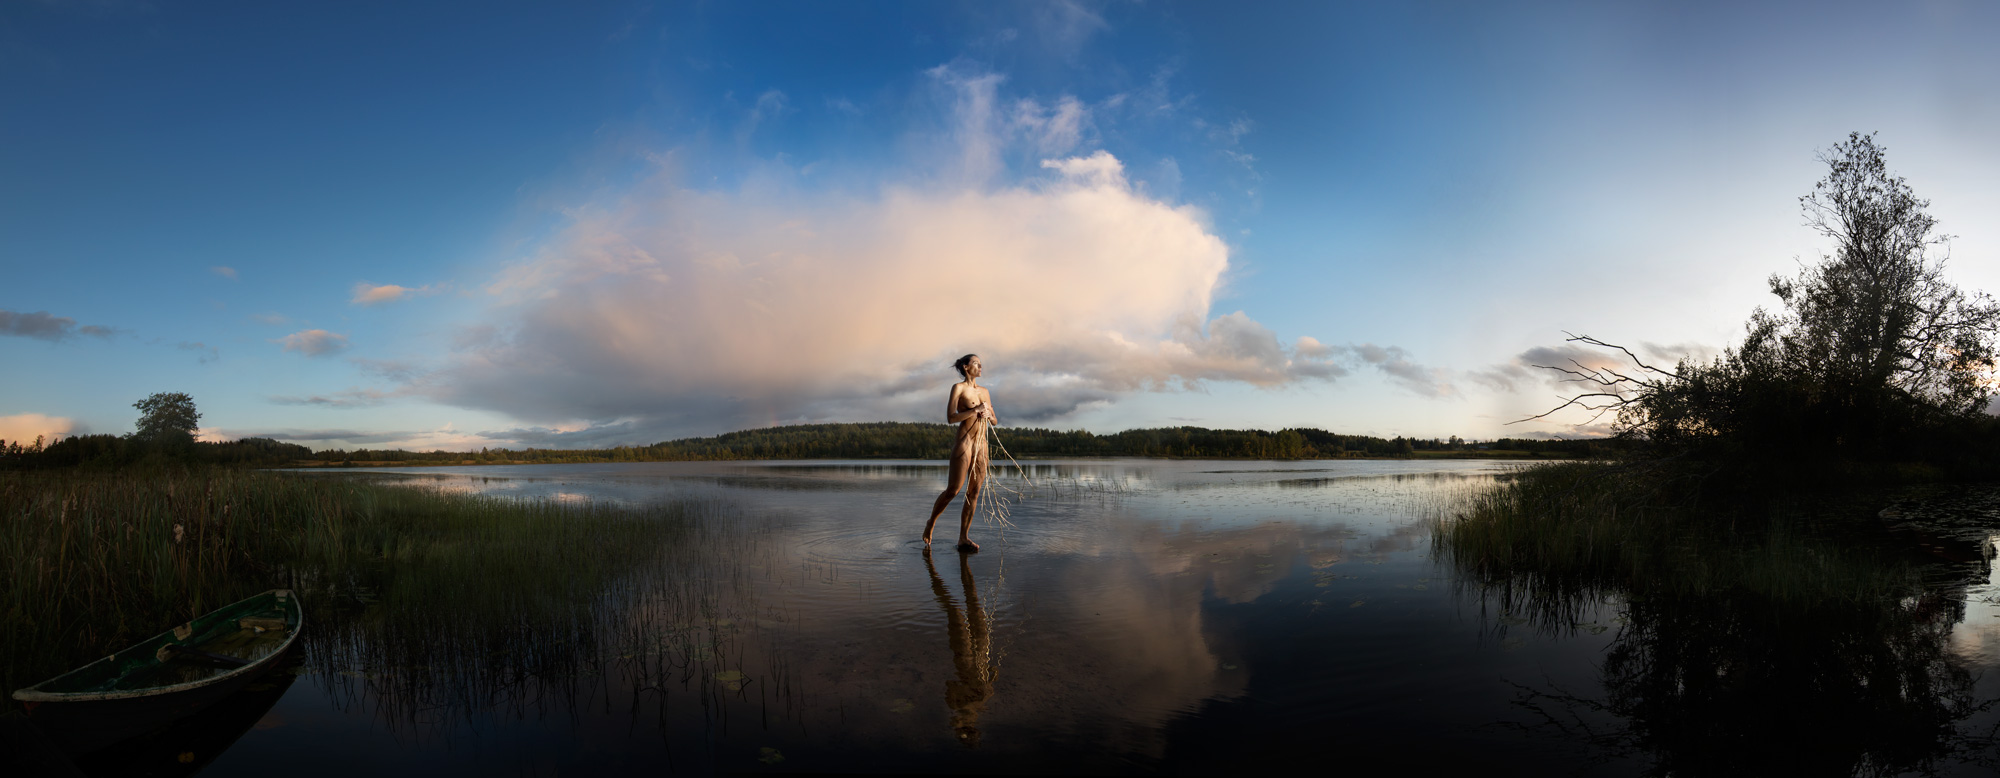 KÄÄNNA JUURI VIII. Fotografía y retoque digital. Lago Parilanjarvi, Hämeenkyrö, Finlandia